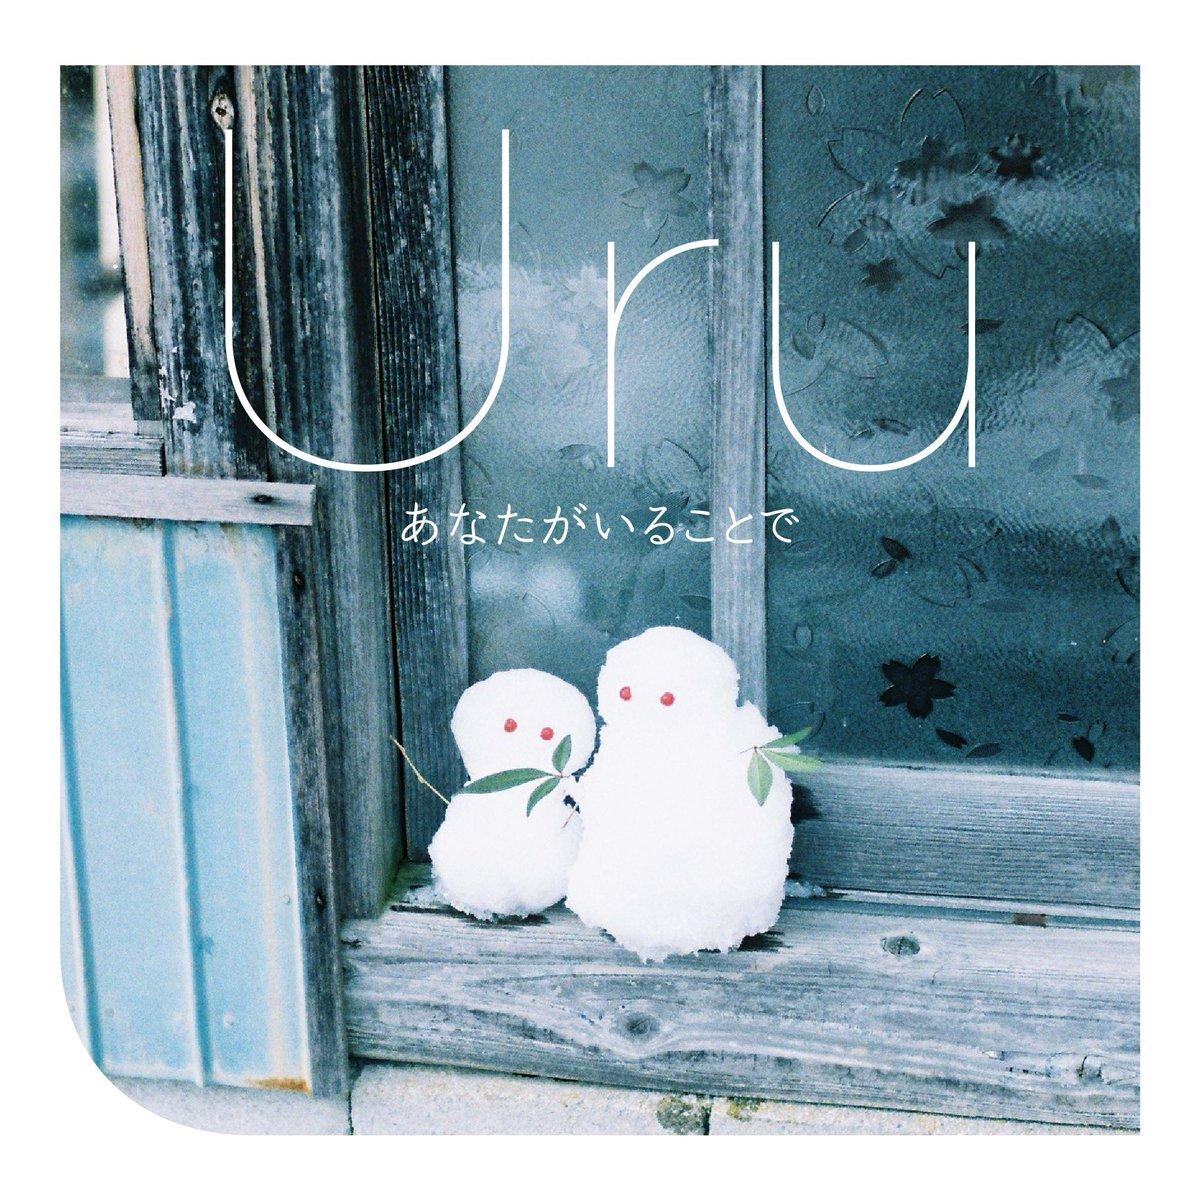 『Uru - あなたがいることで 歌詞』収録の『あなたがいることで』ジャケット